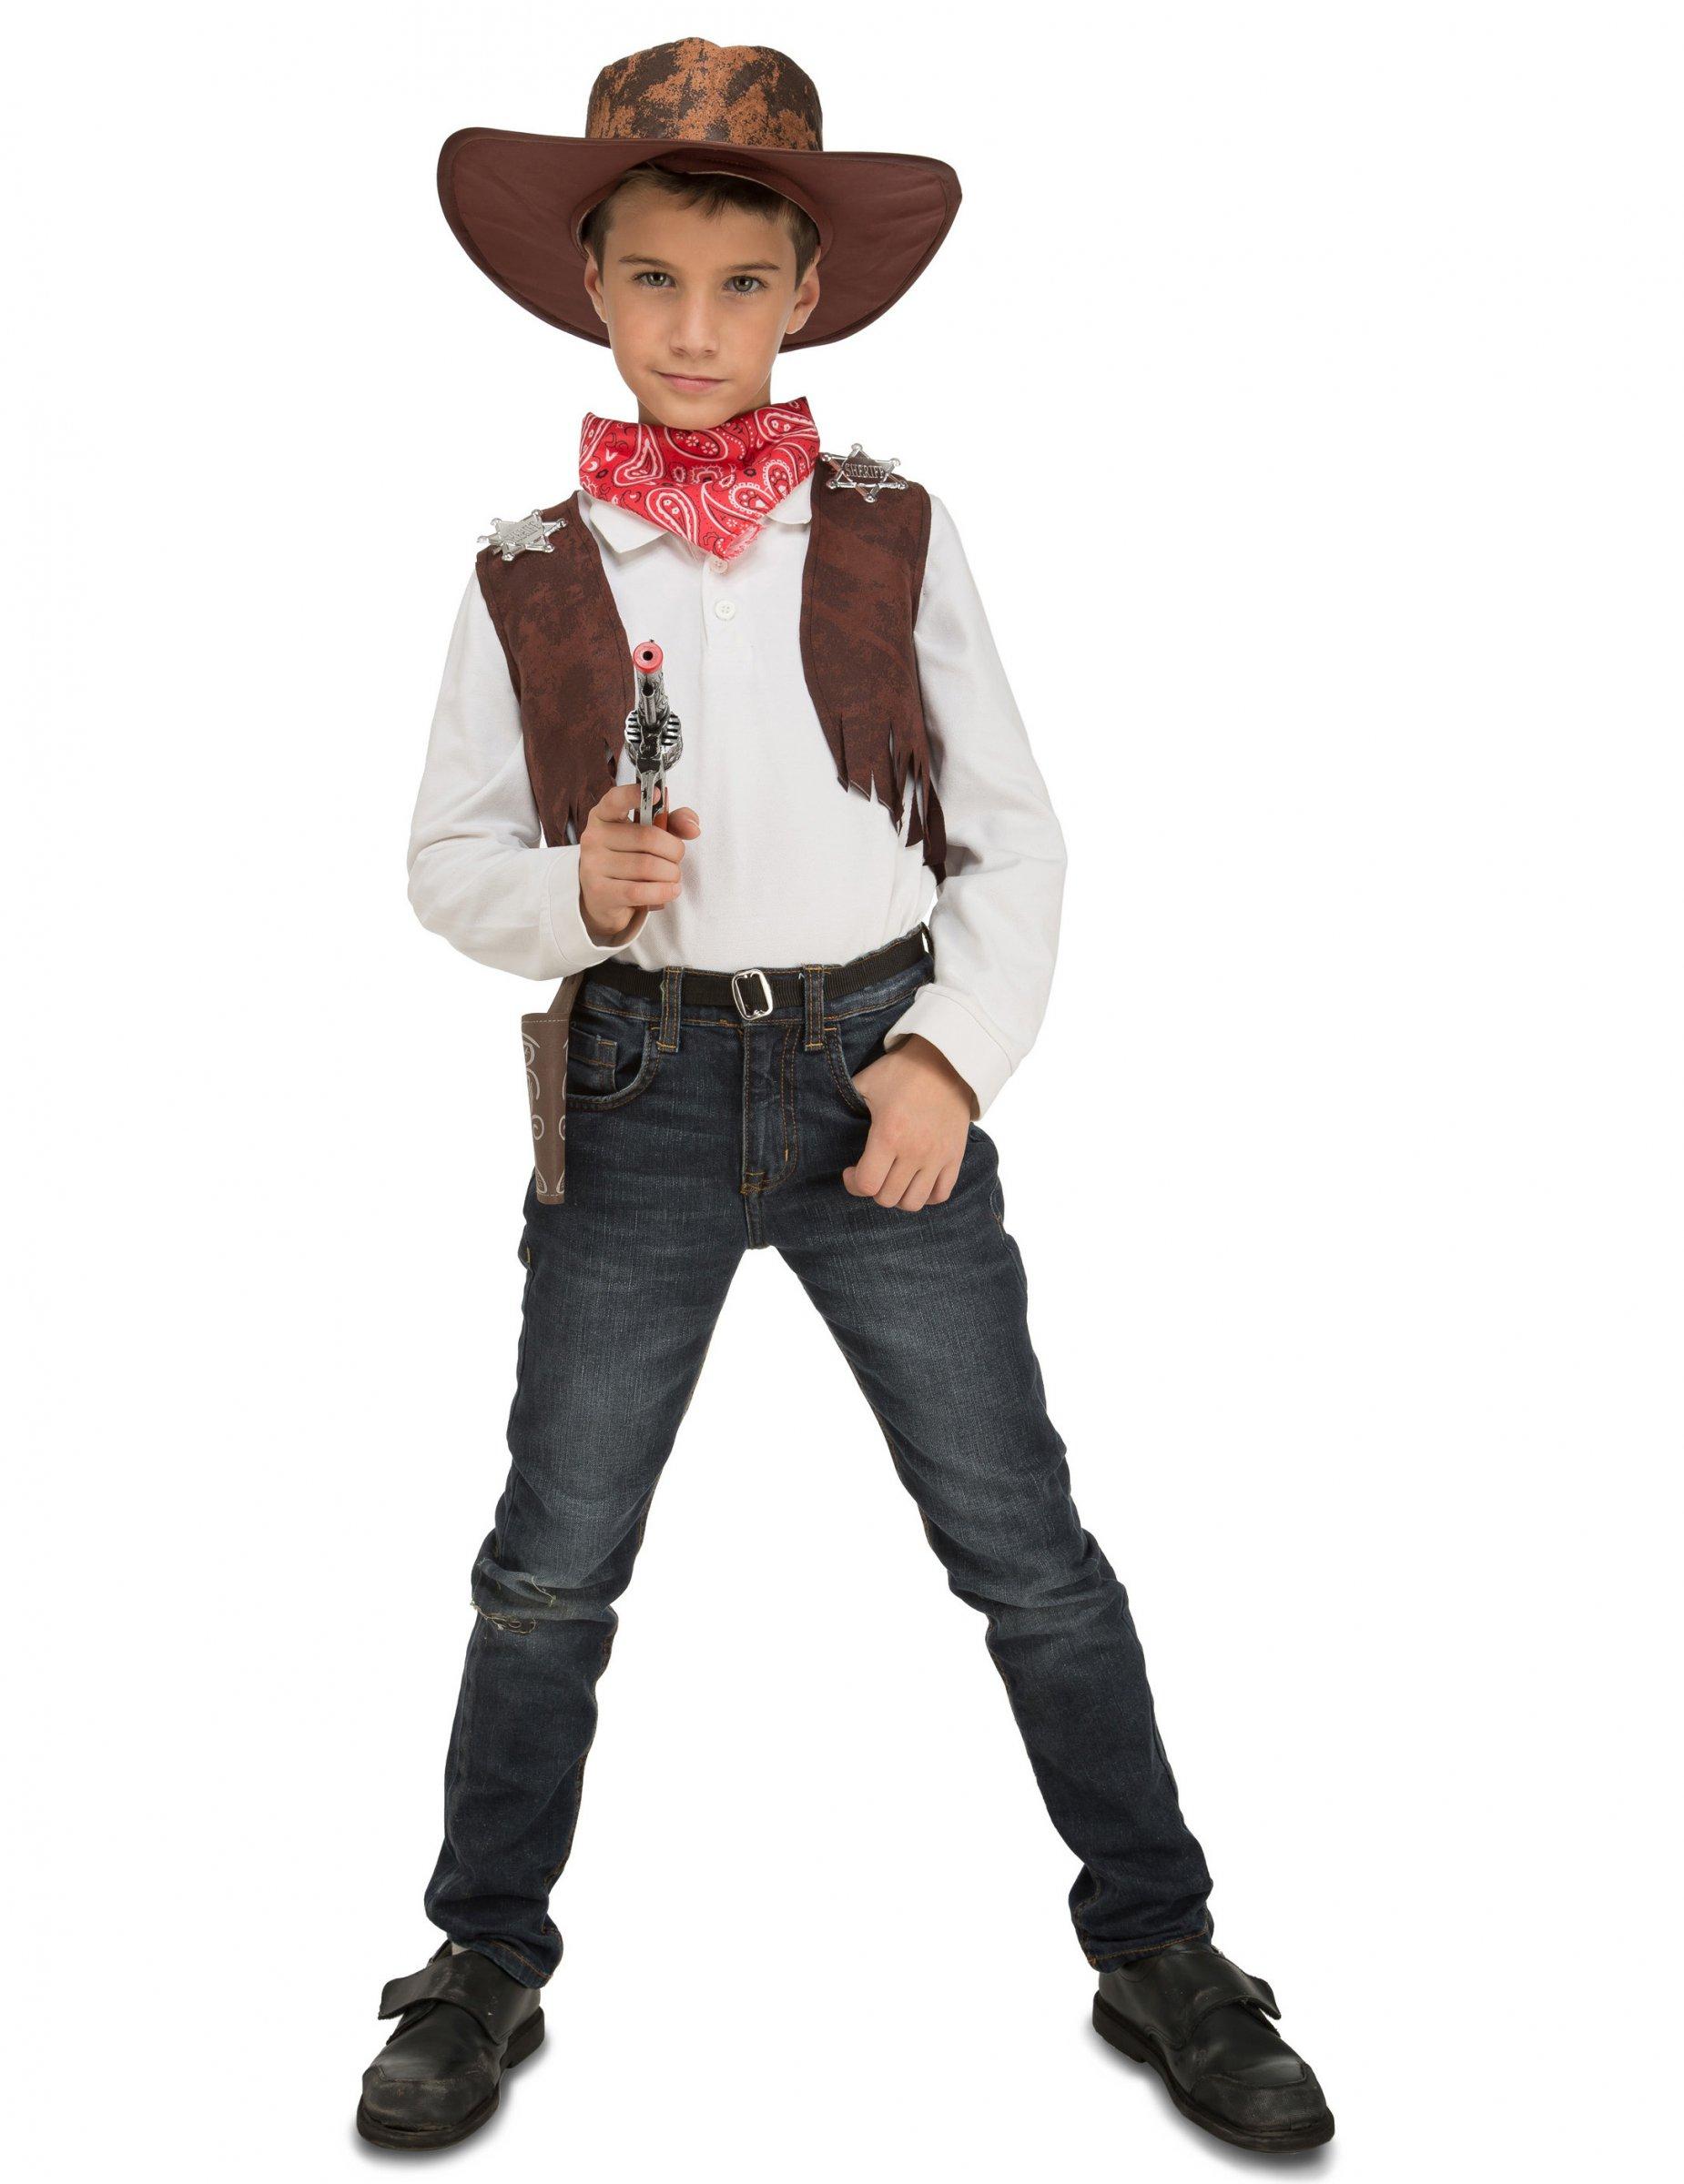 d guisement cowboy avec accessoires enfant deguise toi achat de d guisements enfants. Black Bedroom Furniture Sets. Home Design Ideas